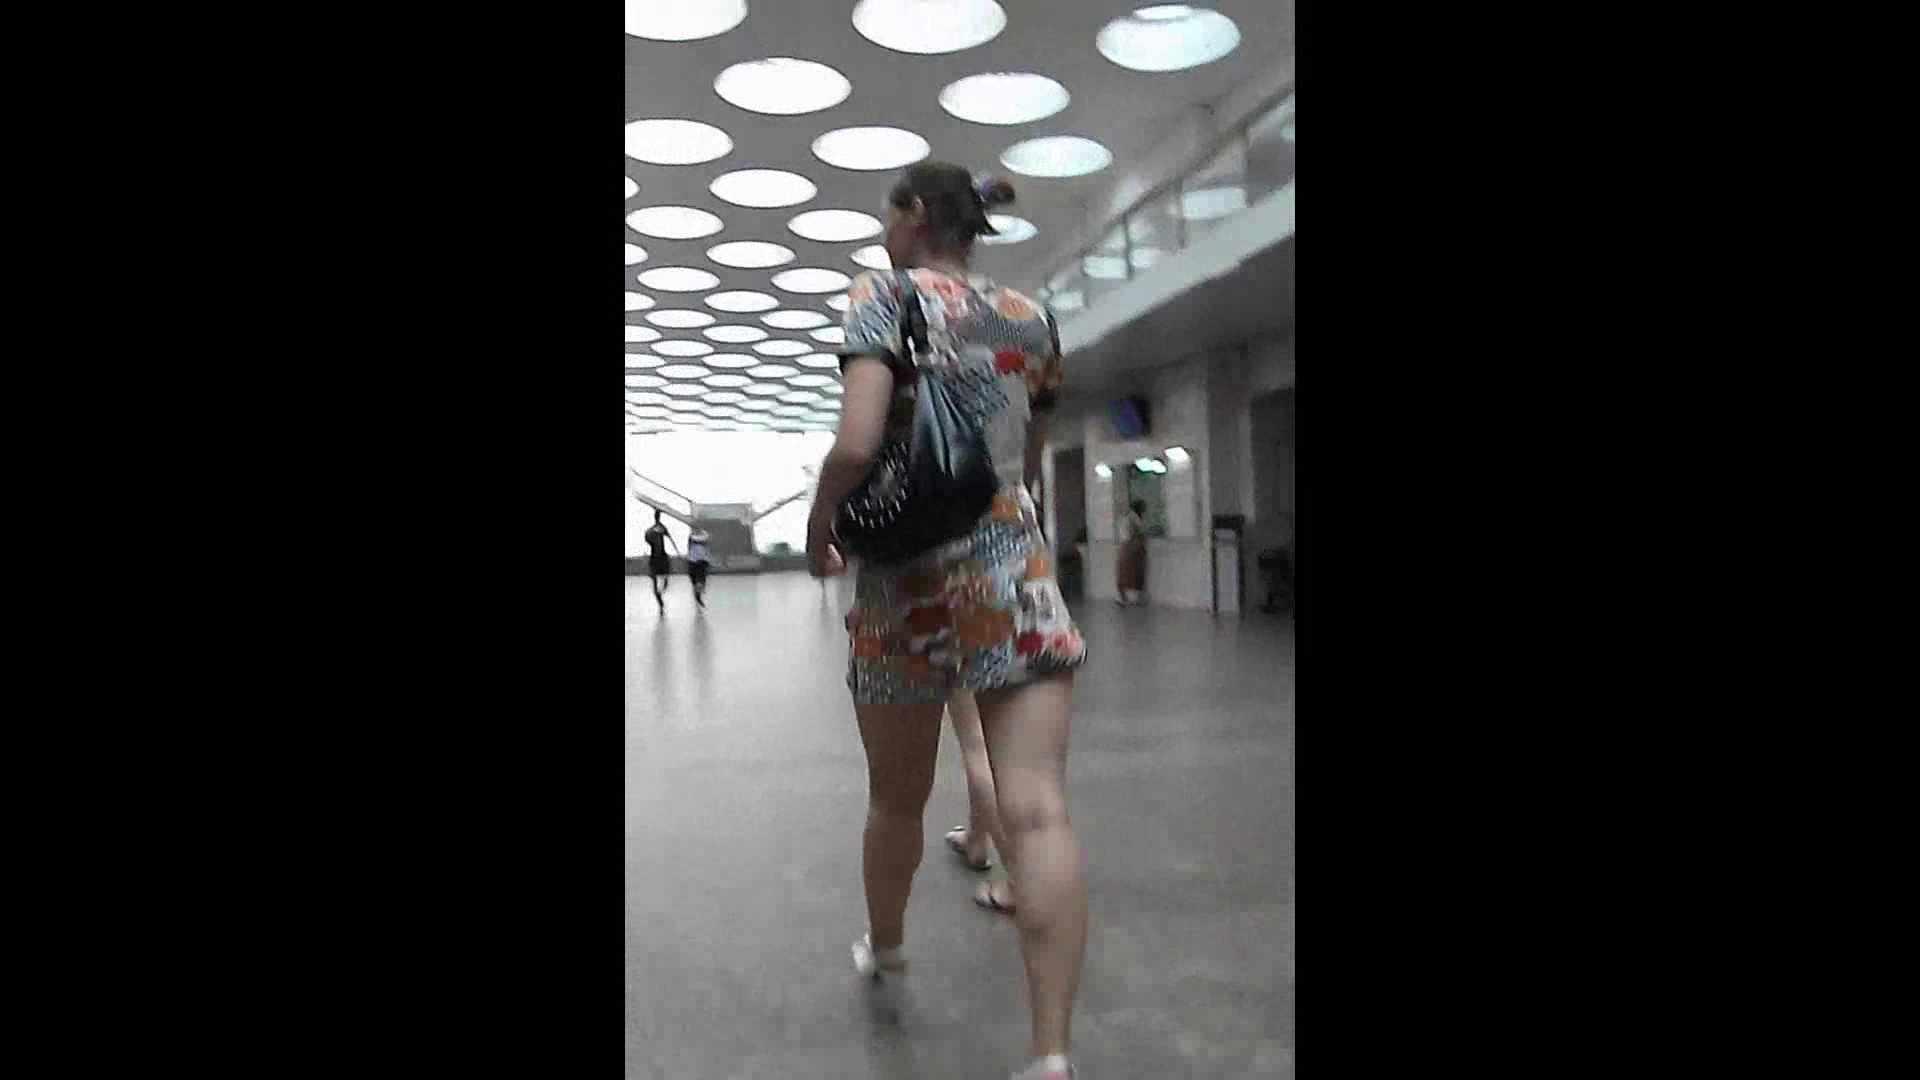 綺麗なモデルさんのスカート捲っちゃおう‼vol04 そそるぜモデル すけべAV動画紹介 49連発 19